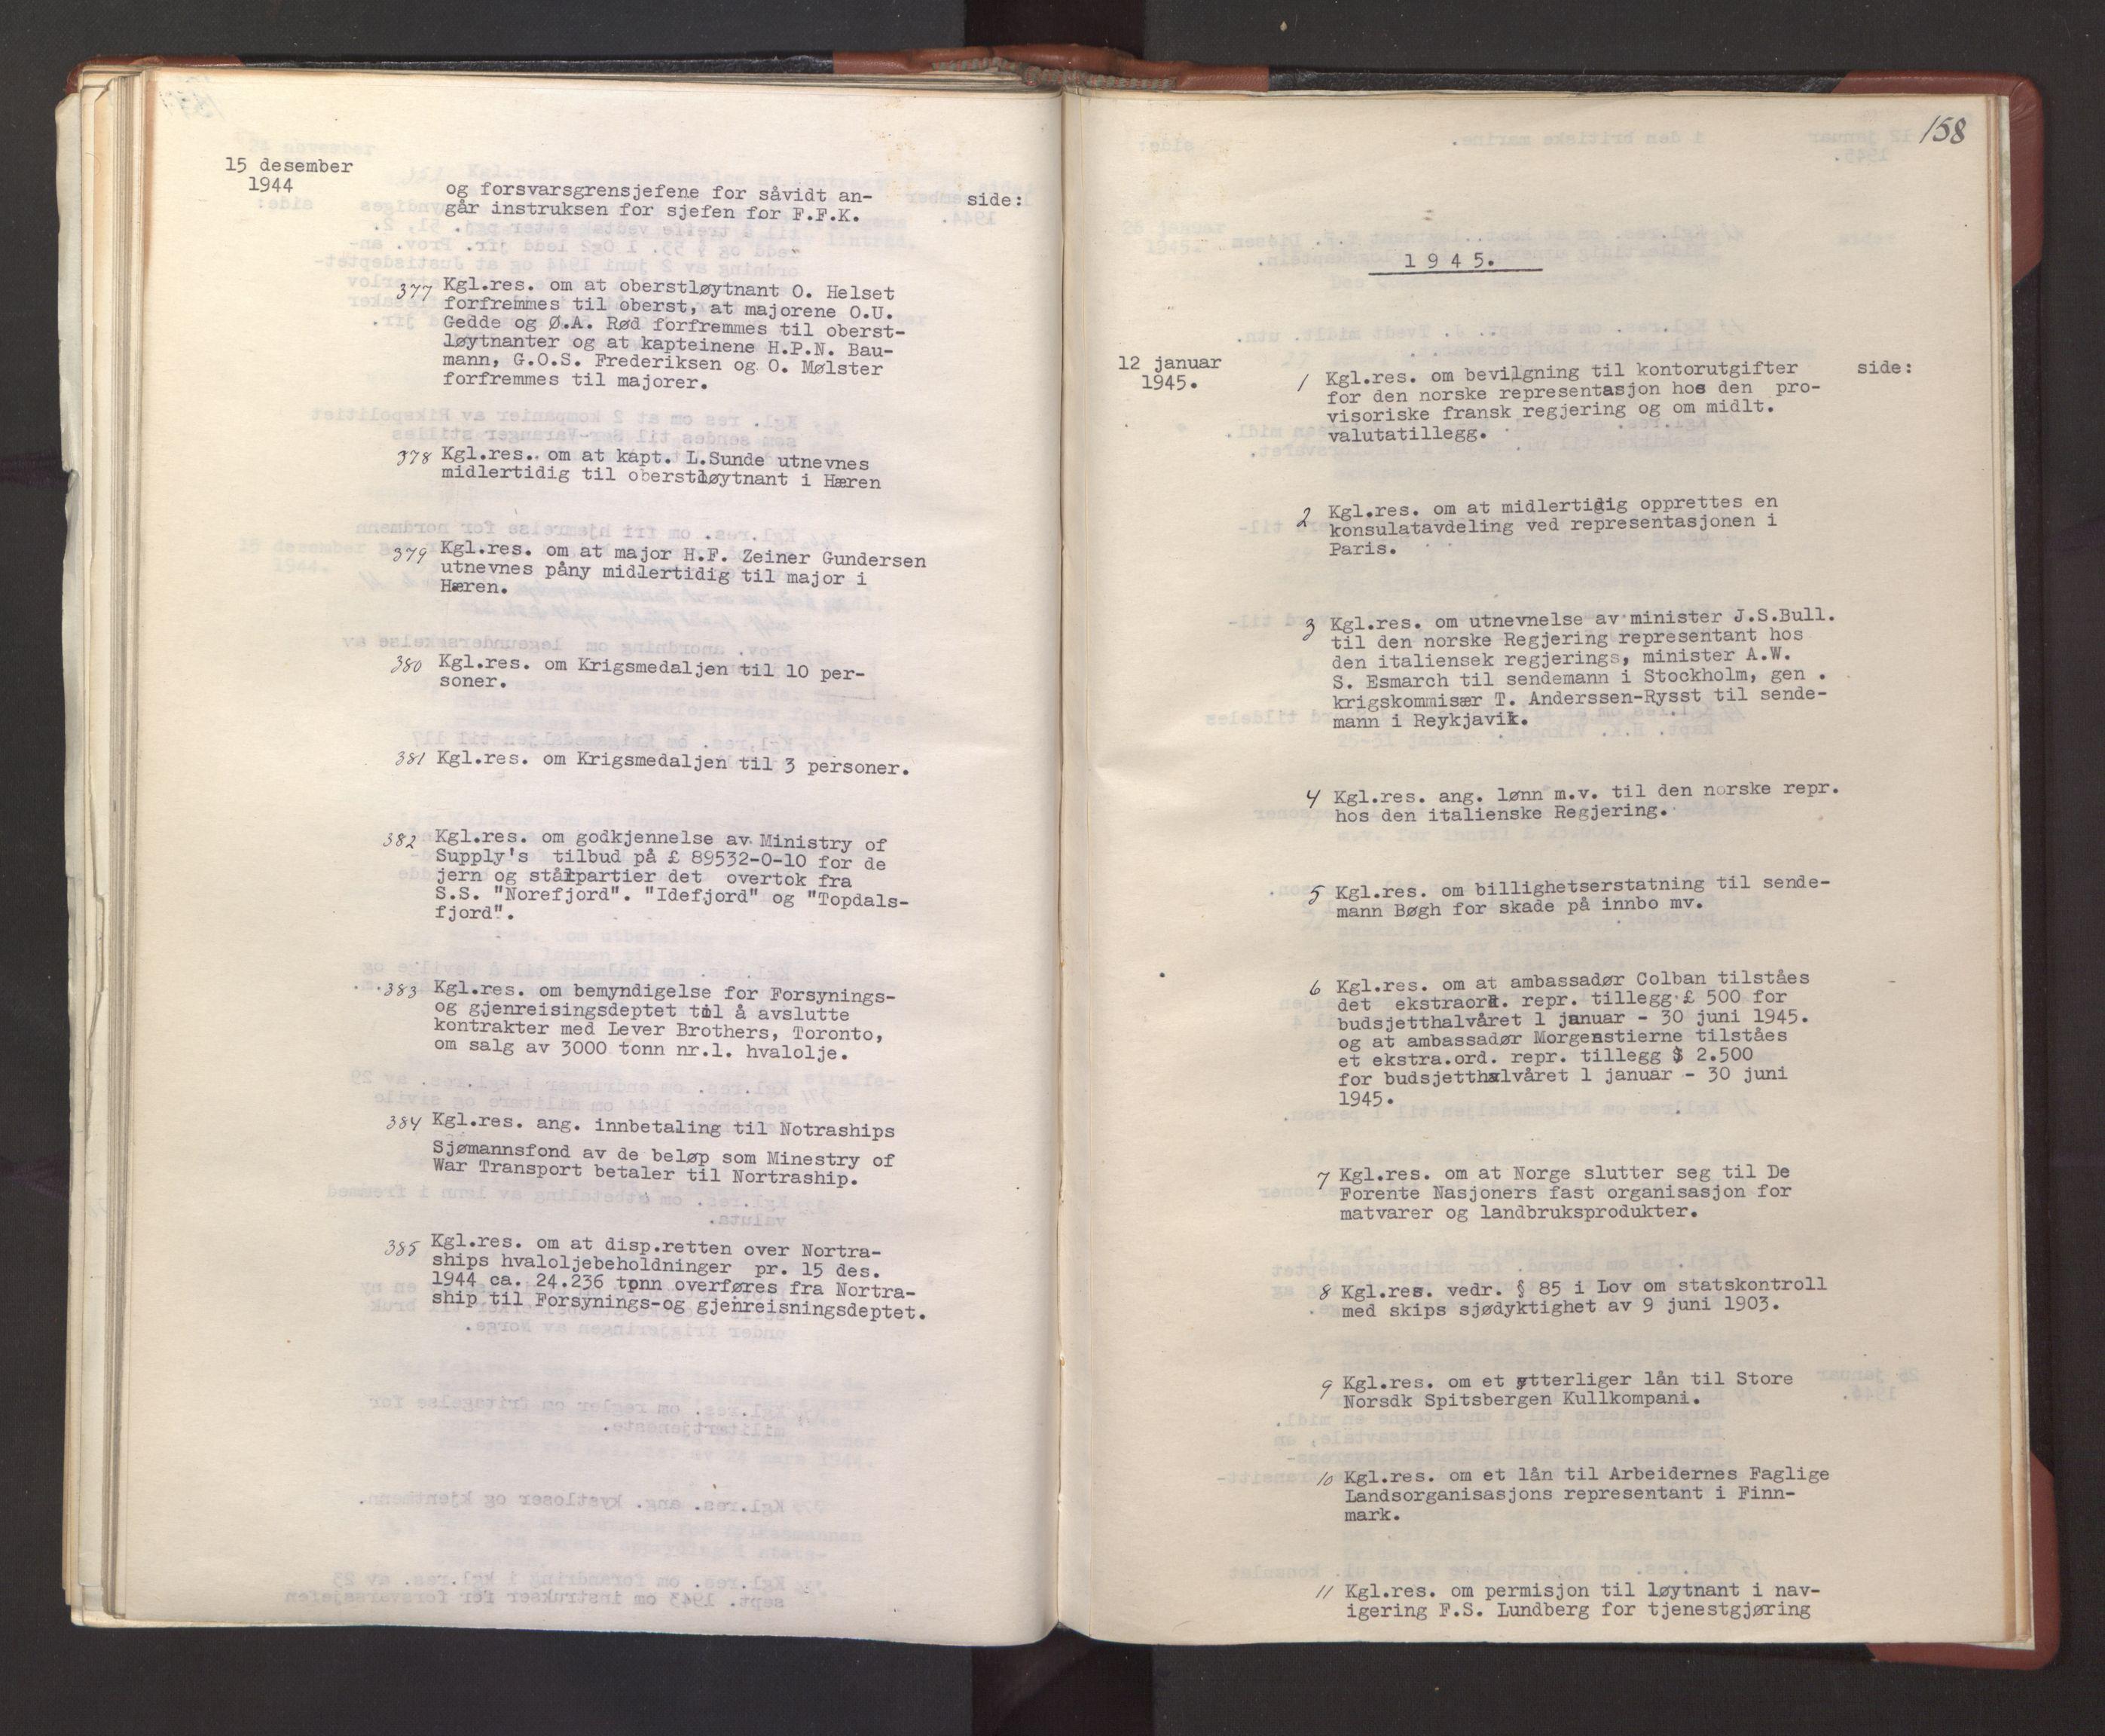 RA, Statsrådssekretariatet, A/Ac/L0127: Register 9/4-25/5, 1940-1945, s. 158